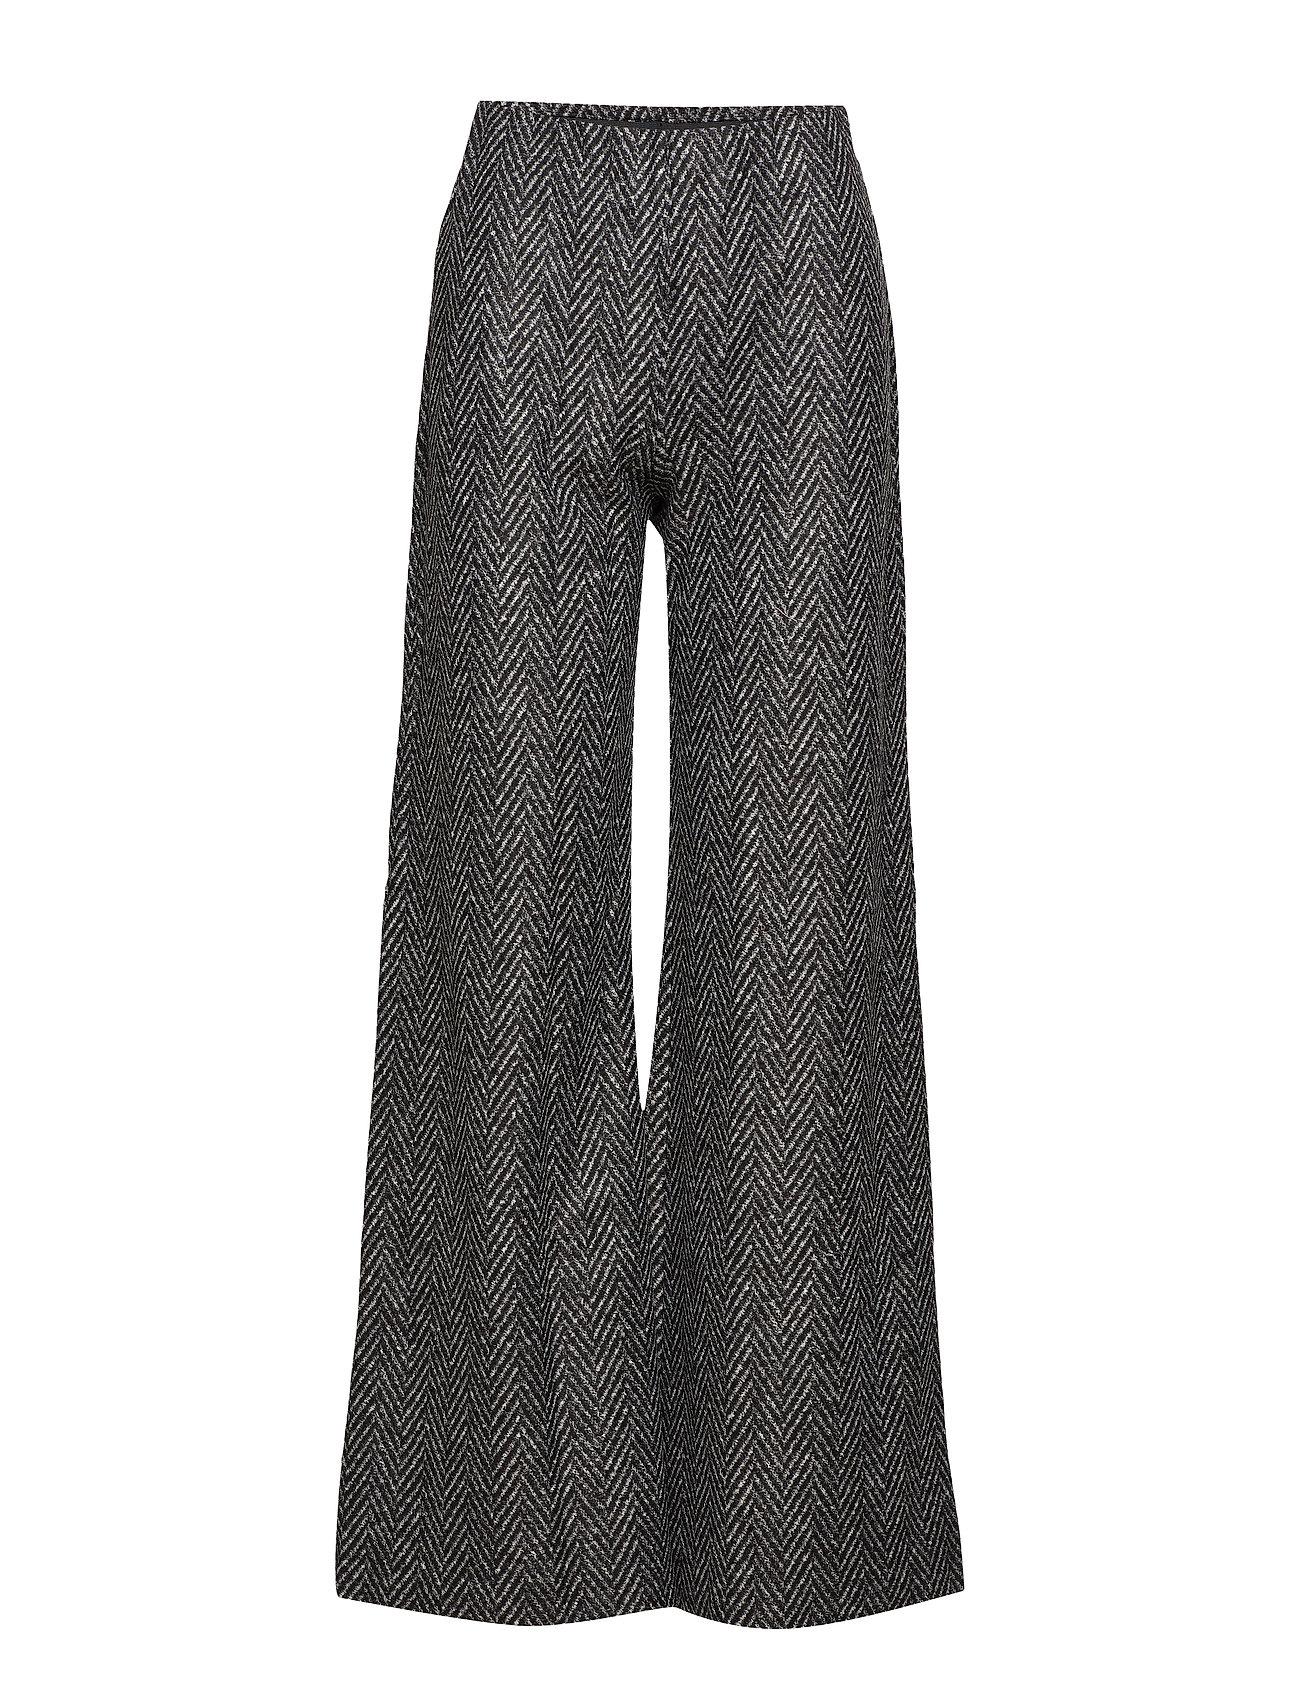 Mango Virgin wool trousers Byxor